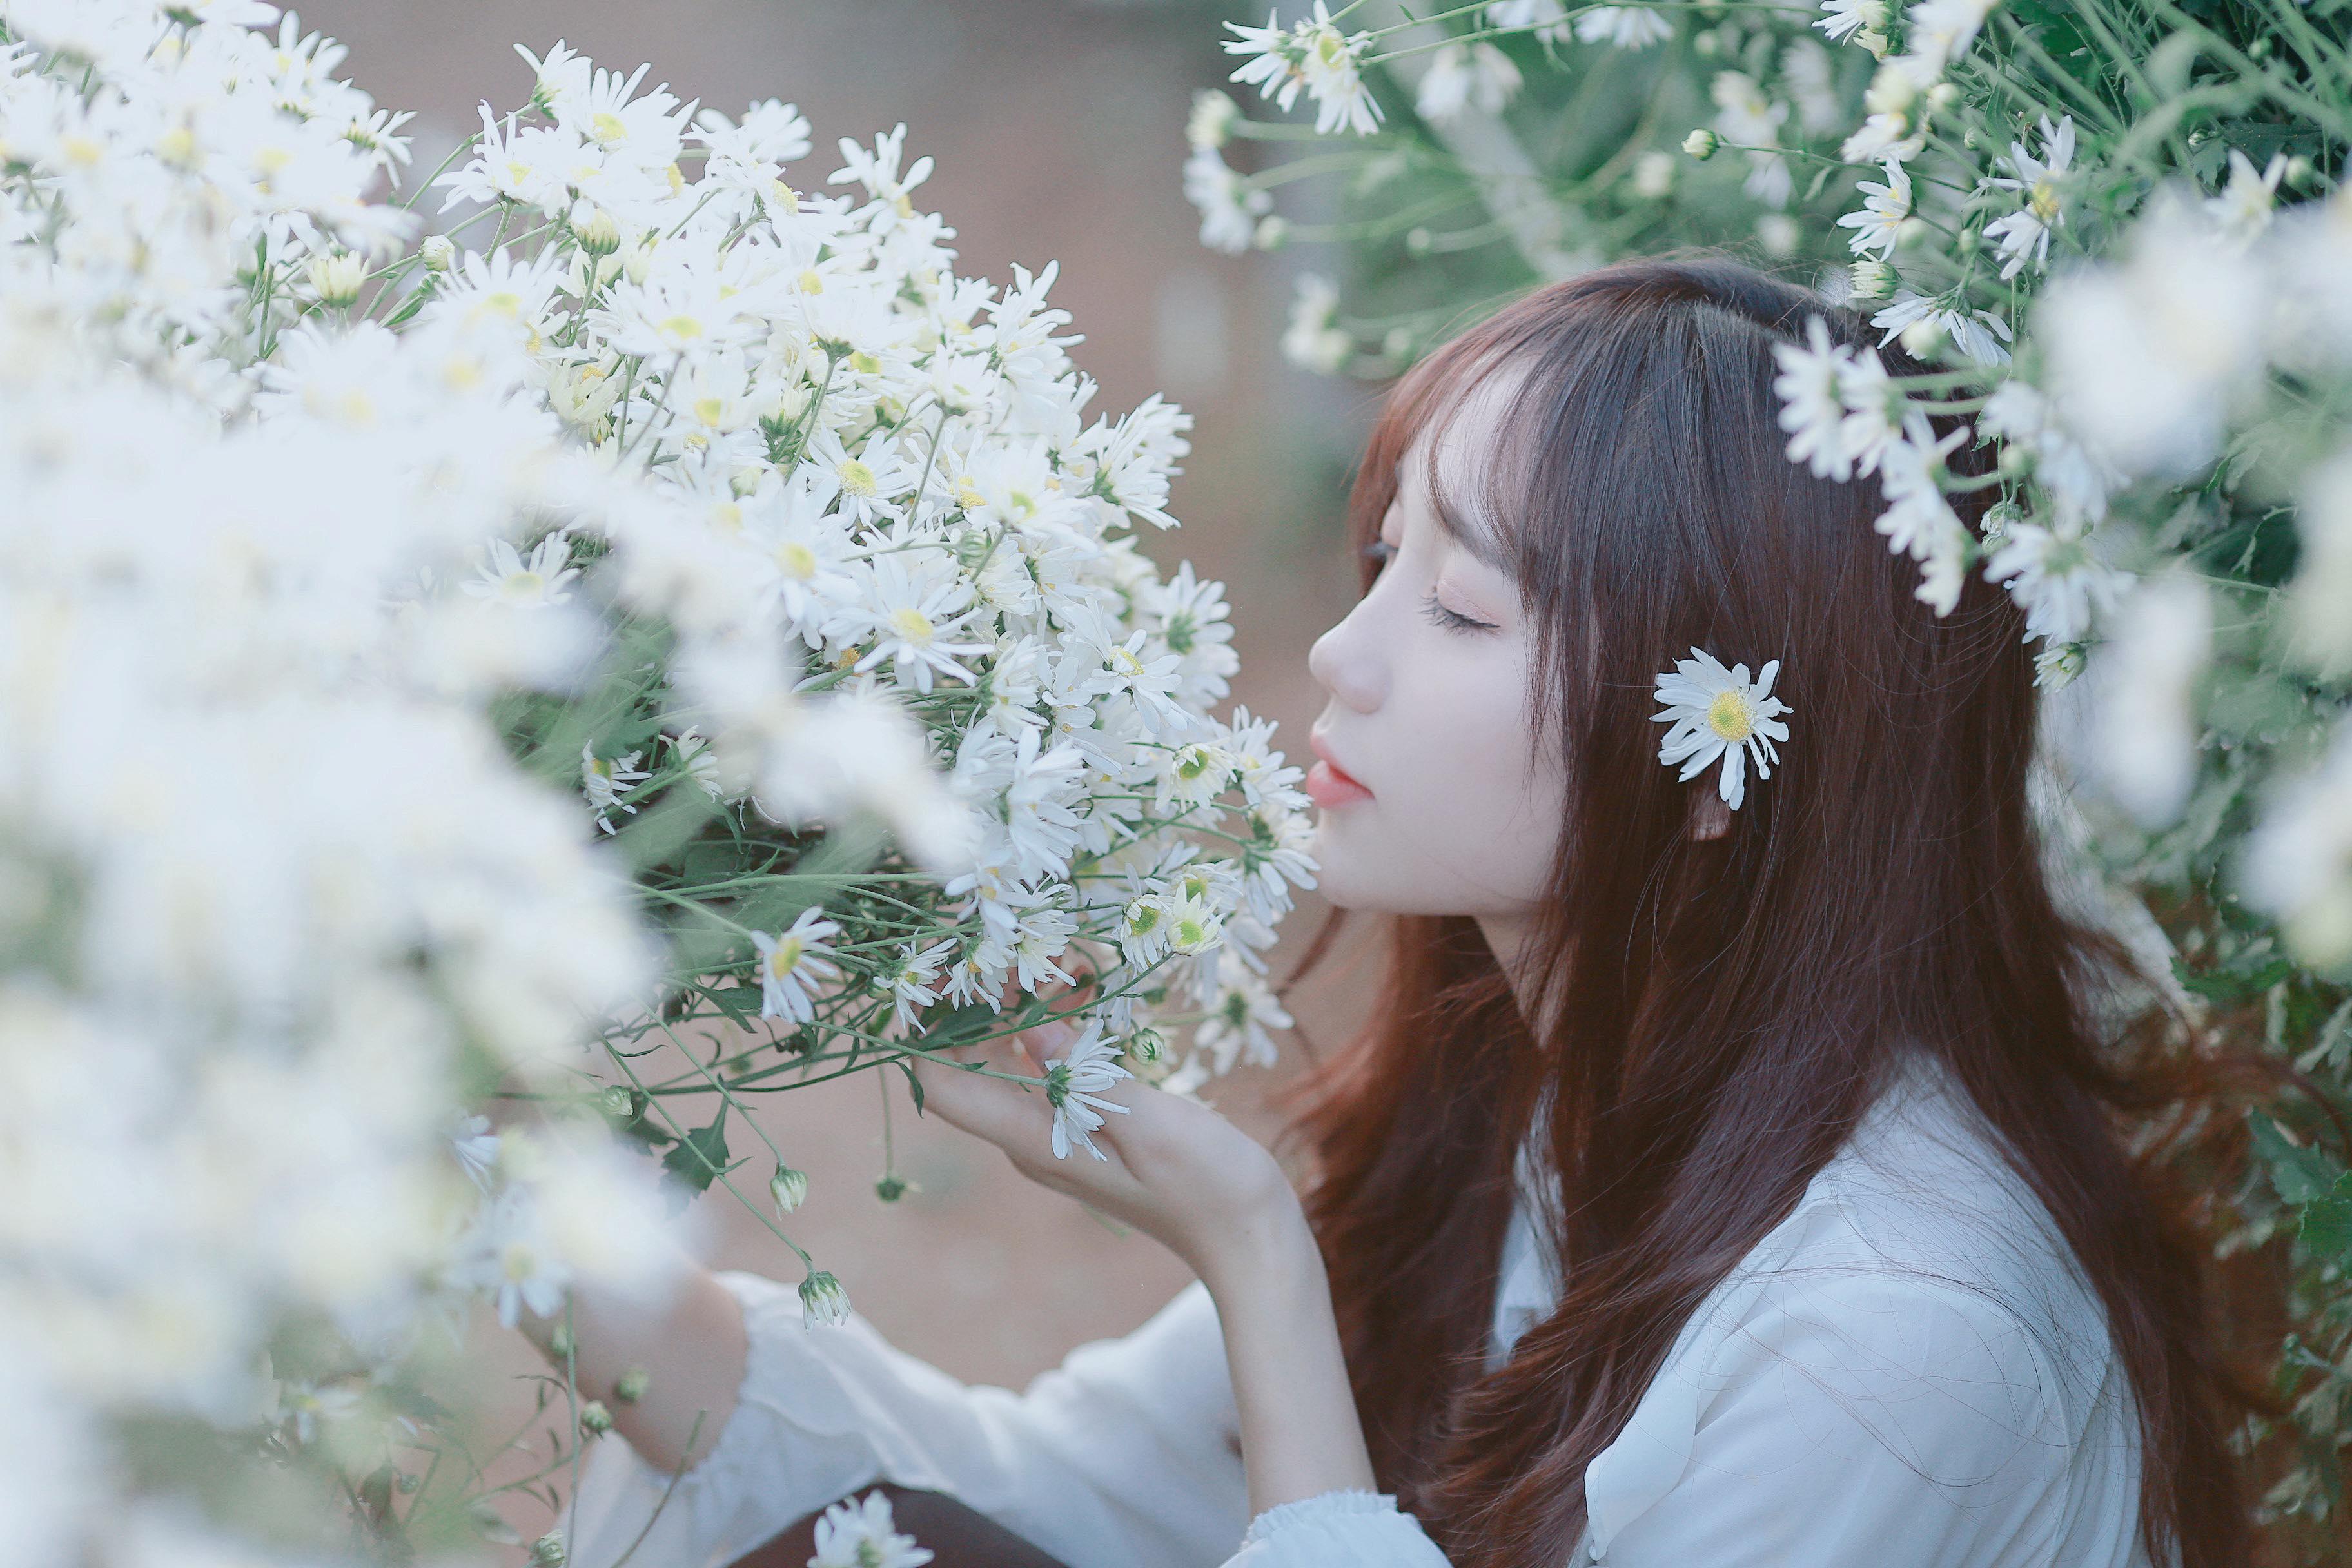 Mina Young – cô gái 'hot girl quân nhân' gây sốt cộng đồng mạng không sợ bị định kiến 'người đẹp đi hát'